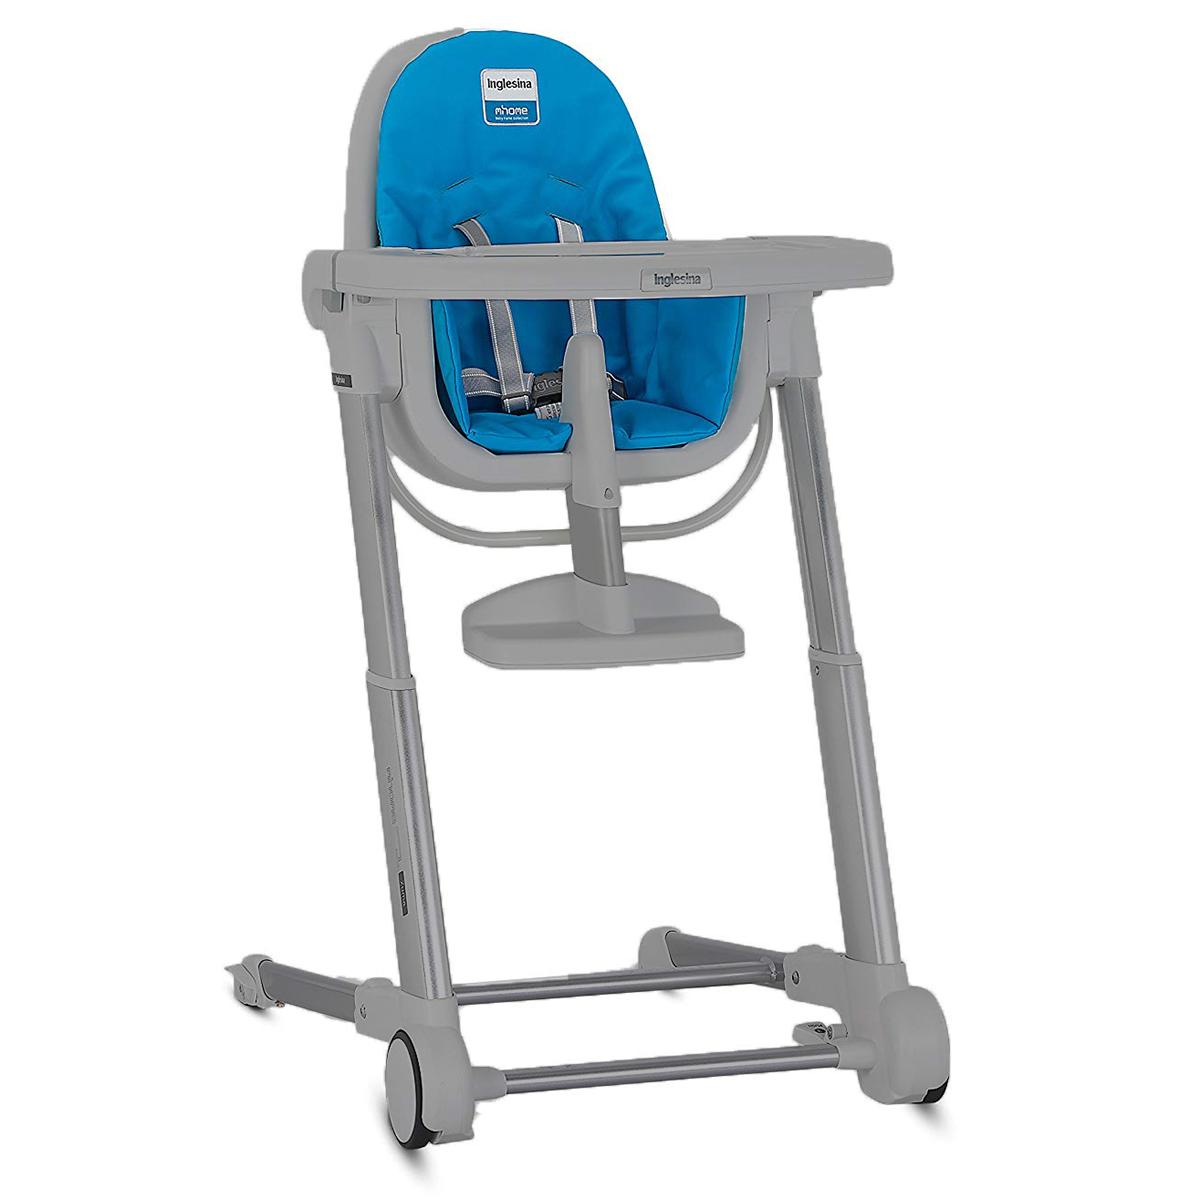 Chaise haute Coussin de Chaise Haute Zuma - Light Blue Coussin de Chaise Haute Zuma - Light Blue